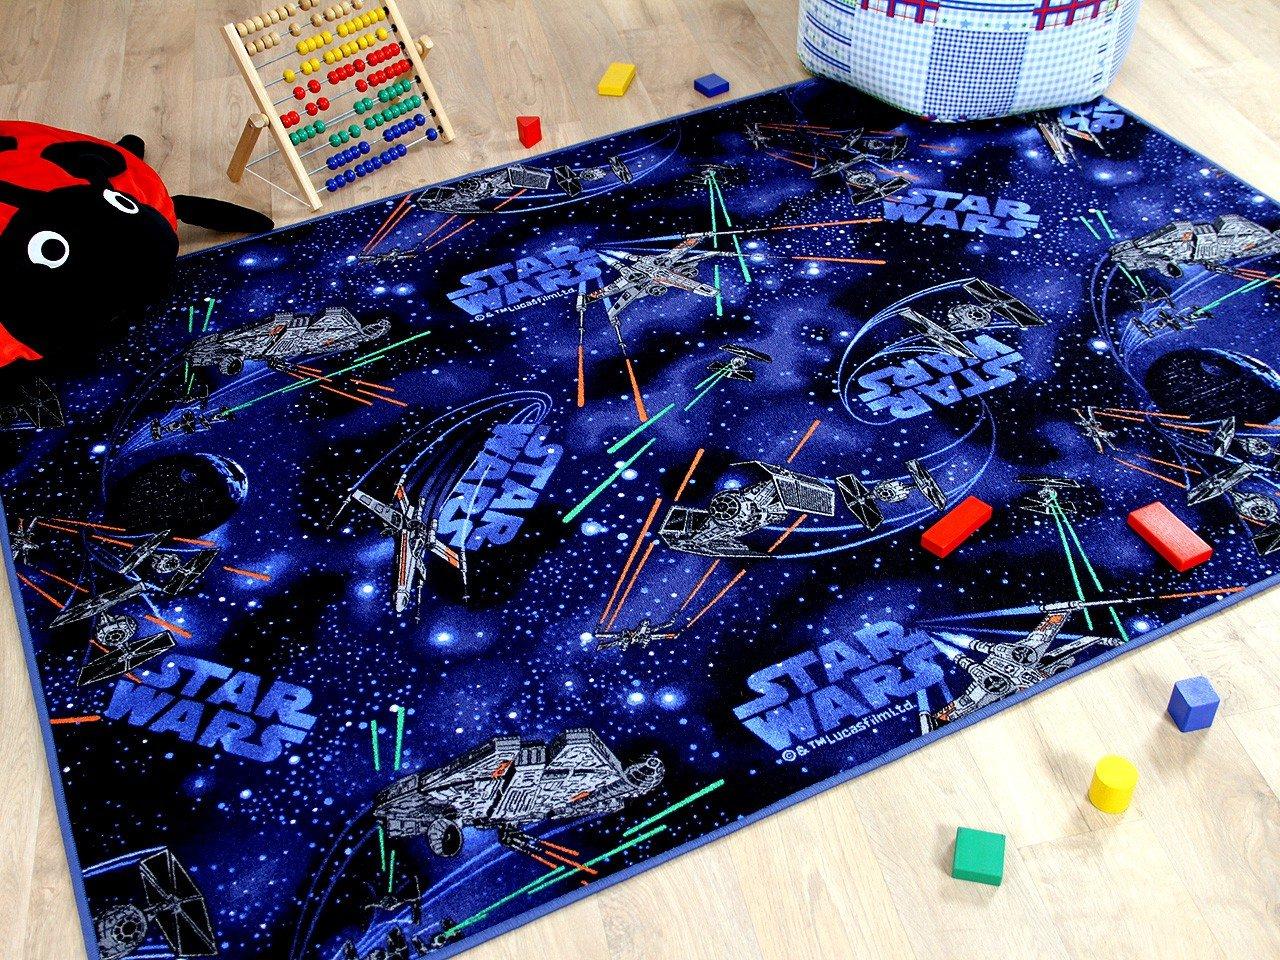 Snapstyle Kinder Spiel Teppich Star Wars Blau in 24 Größen